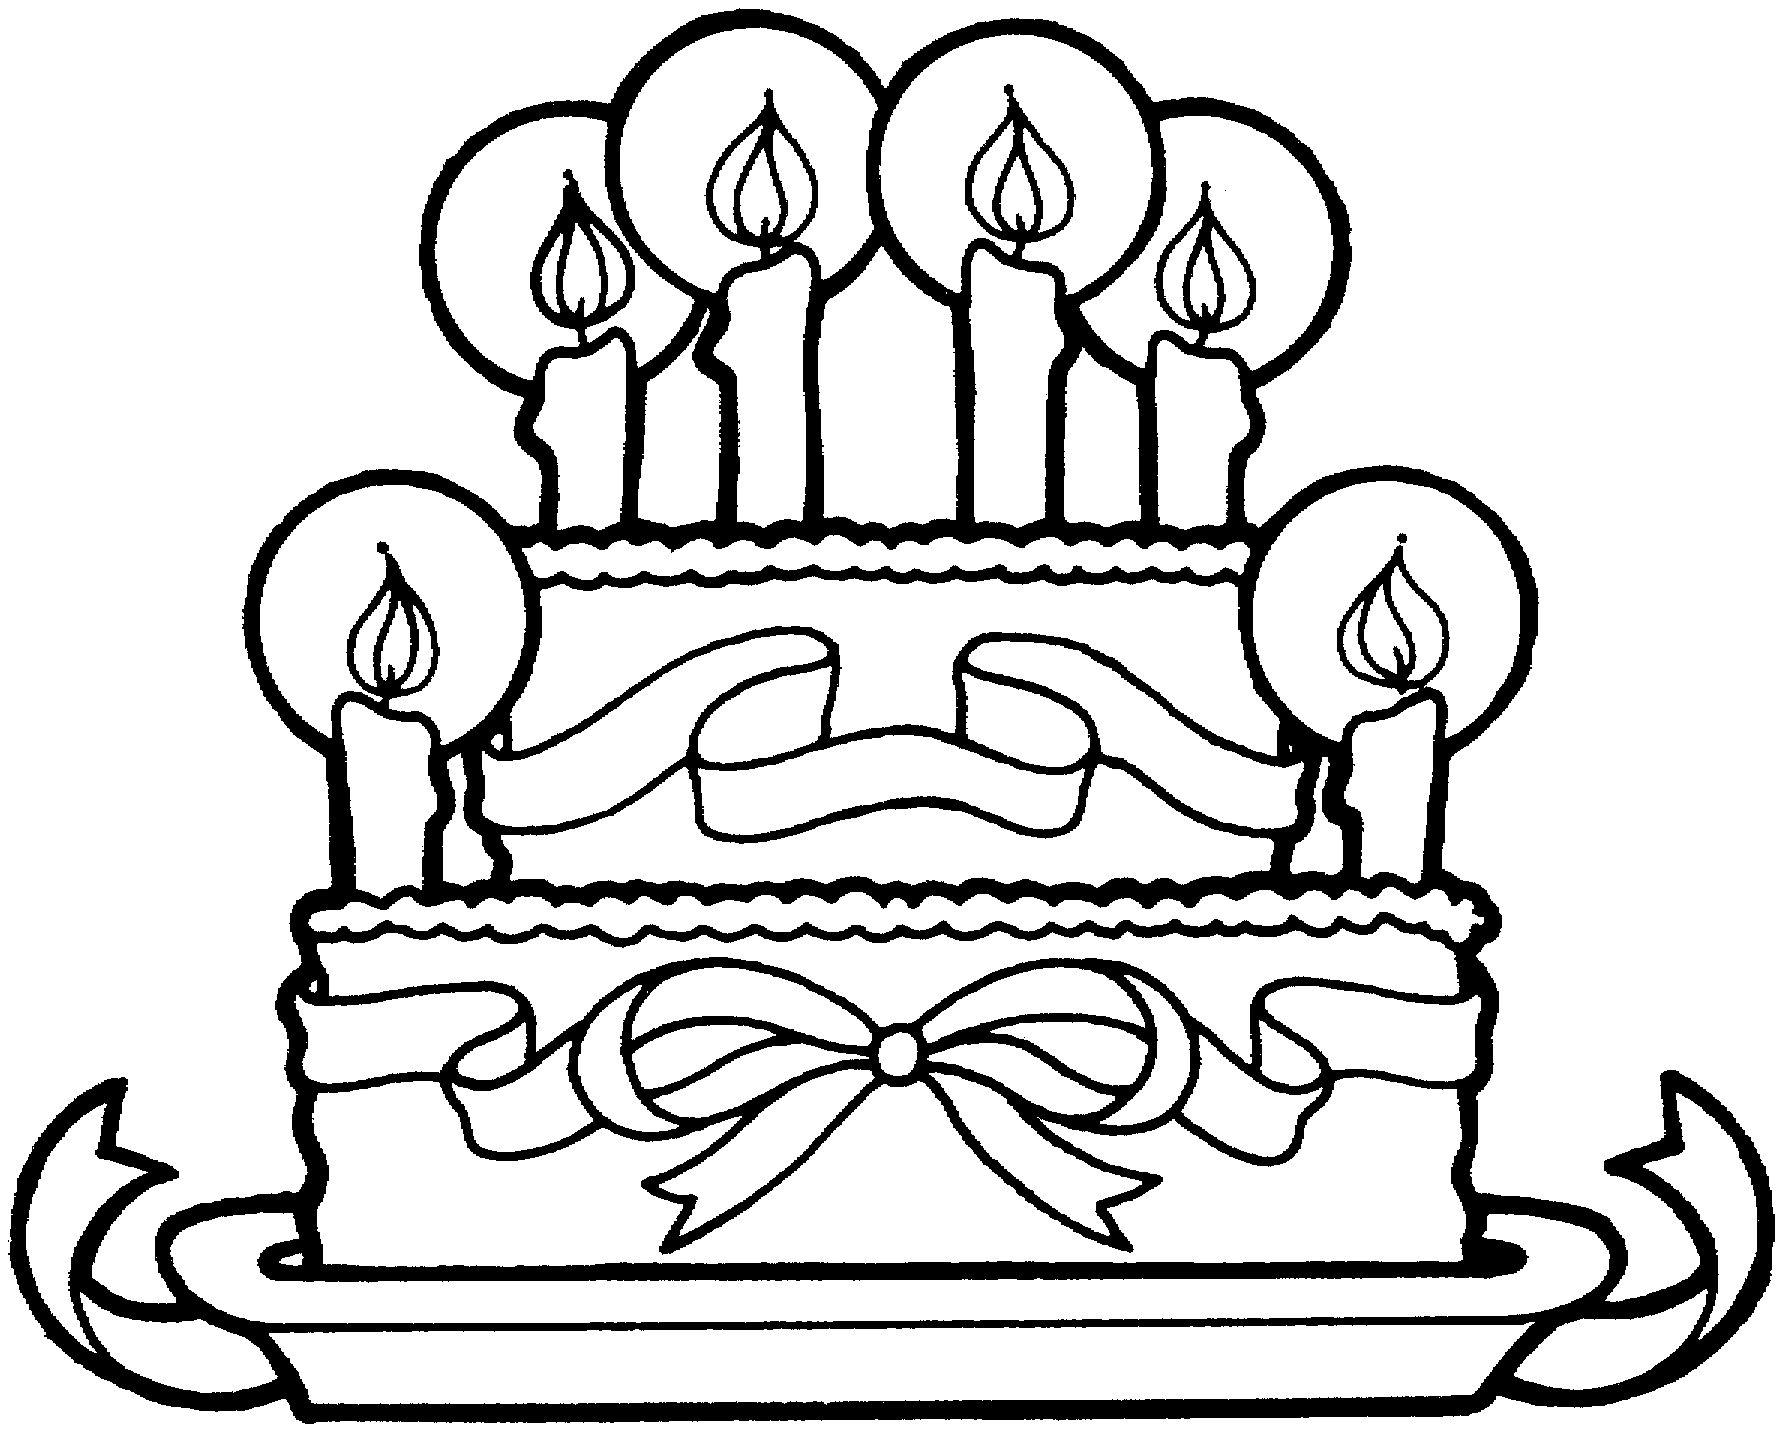 Поздравление с днем рождения начальнику бывшему женщине 65